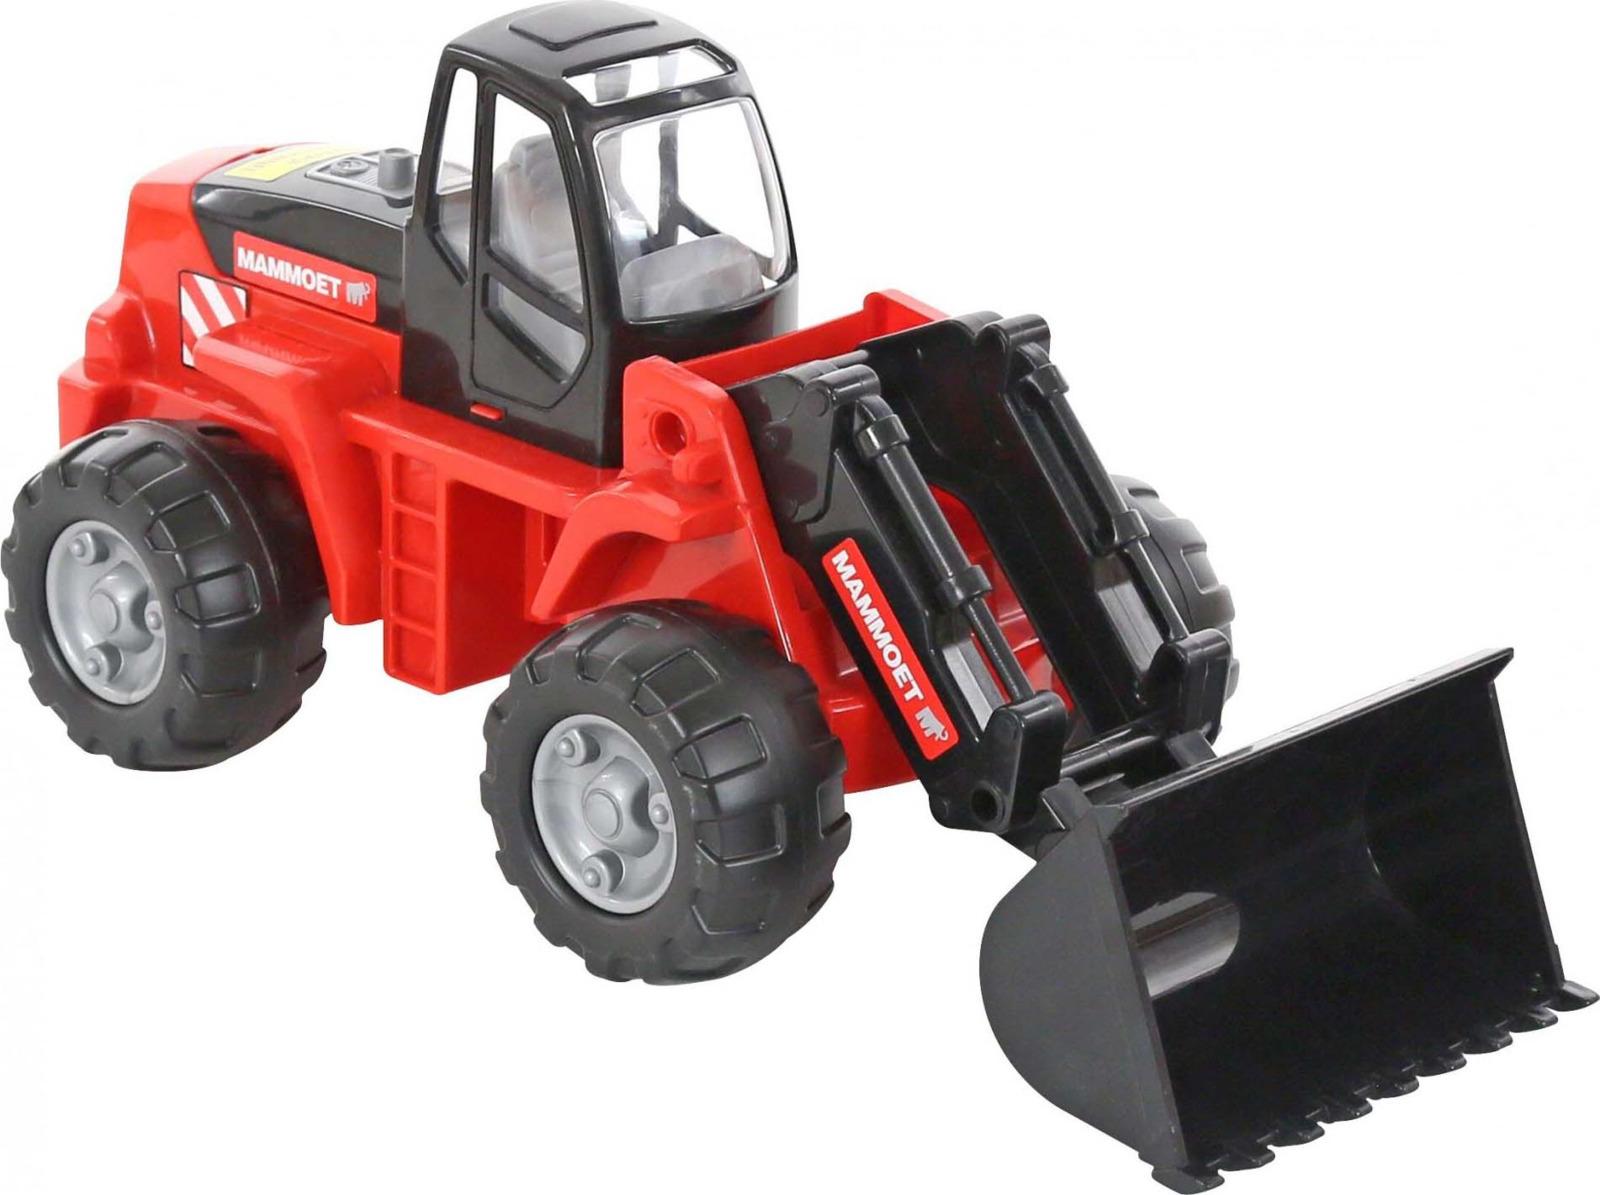 Трактор-погрузчик Полесье Mammoet, цвет в ассортименте трактор полесье трактор погрузчик умелец оранжевый 159238